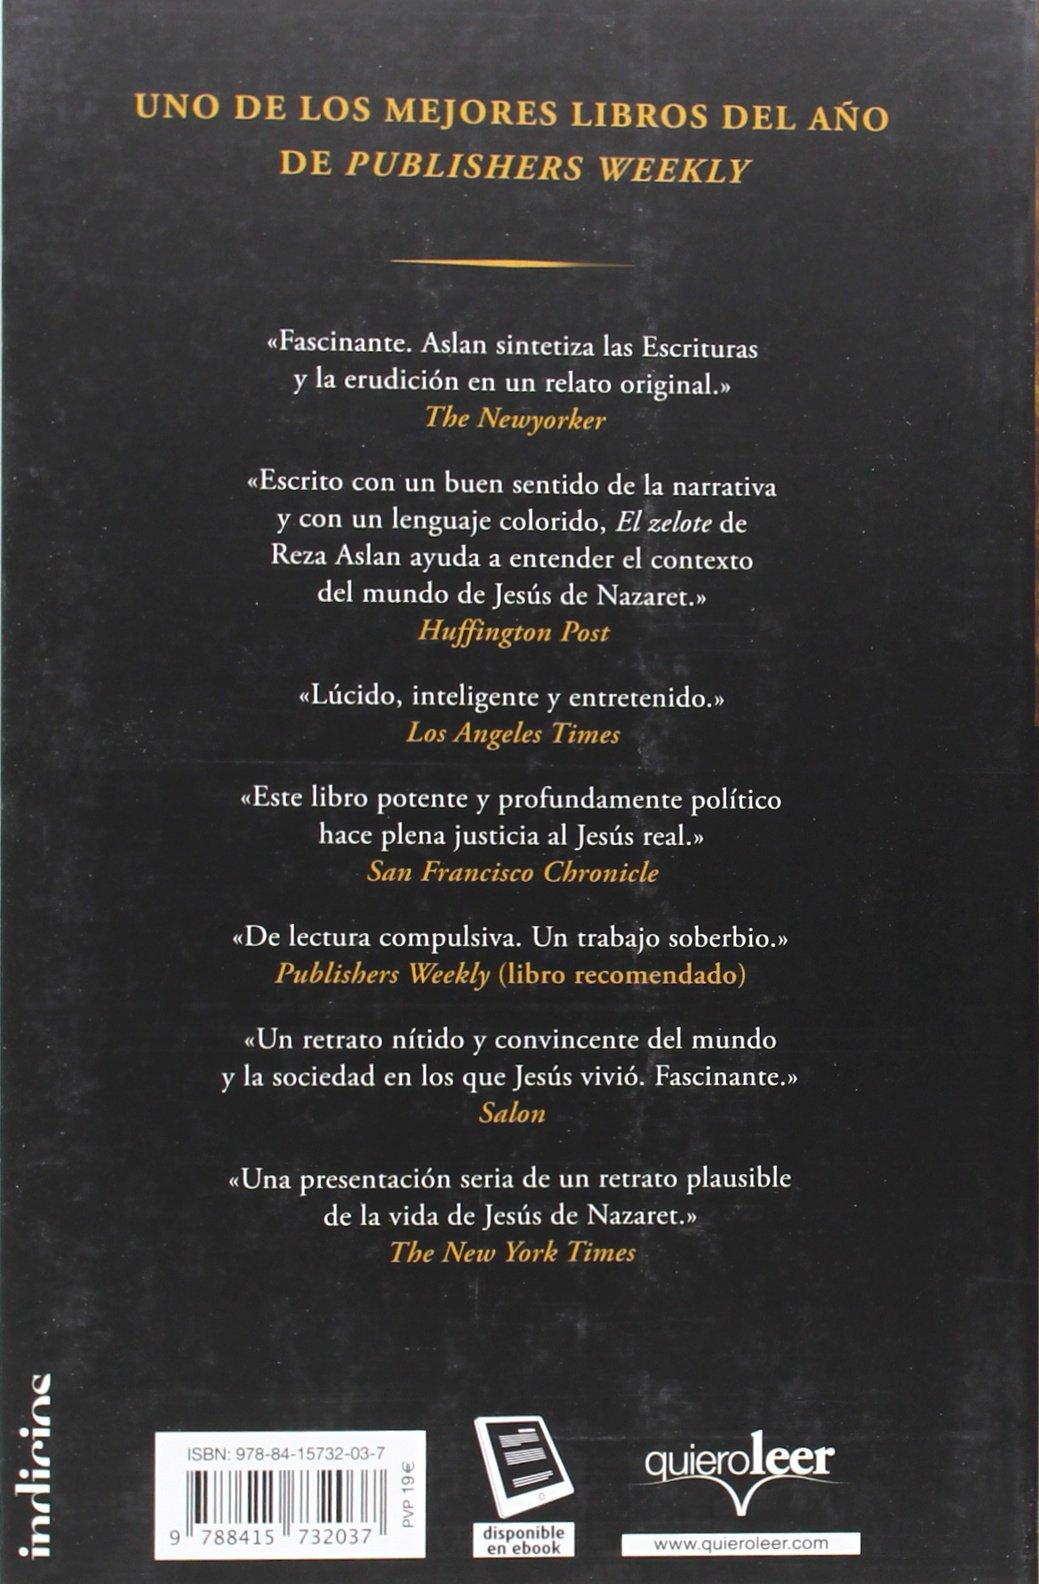 El zelote (Spanish Edition) by Reza Aslan